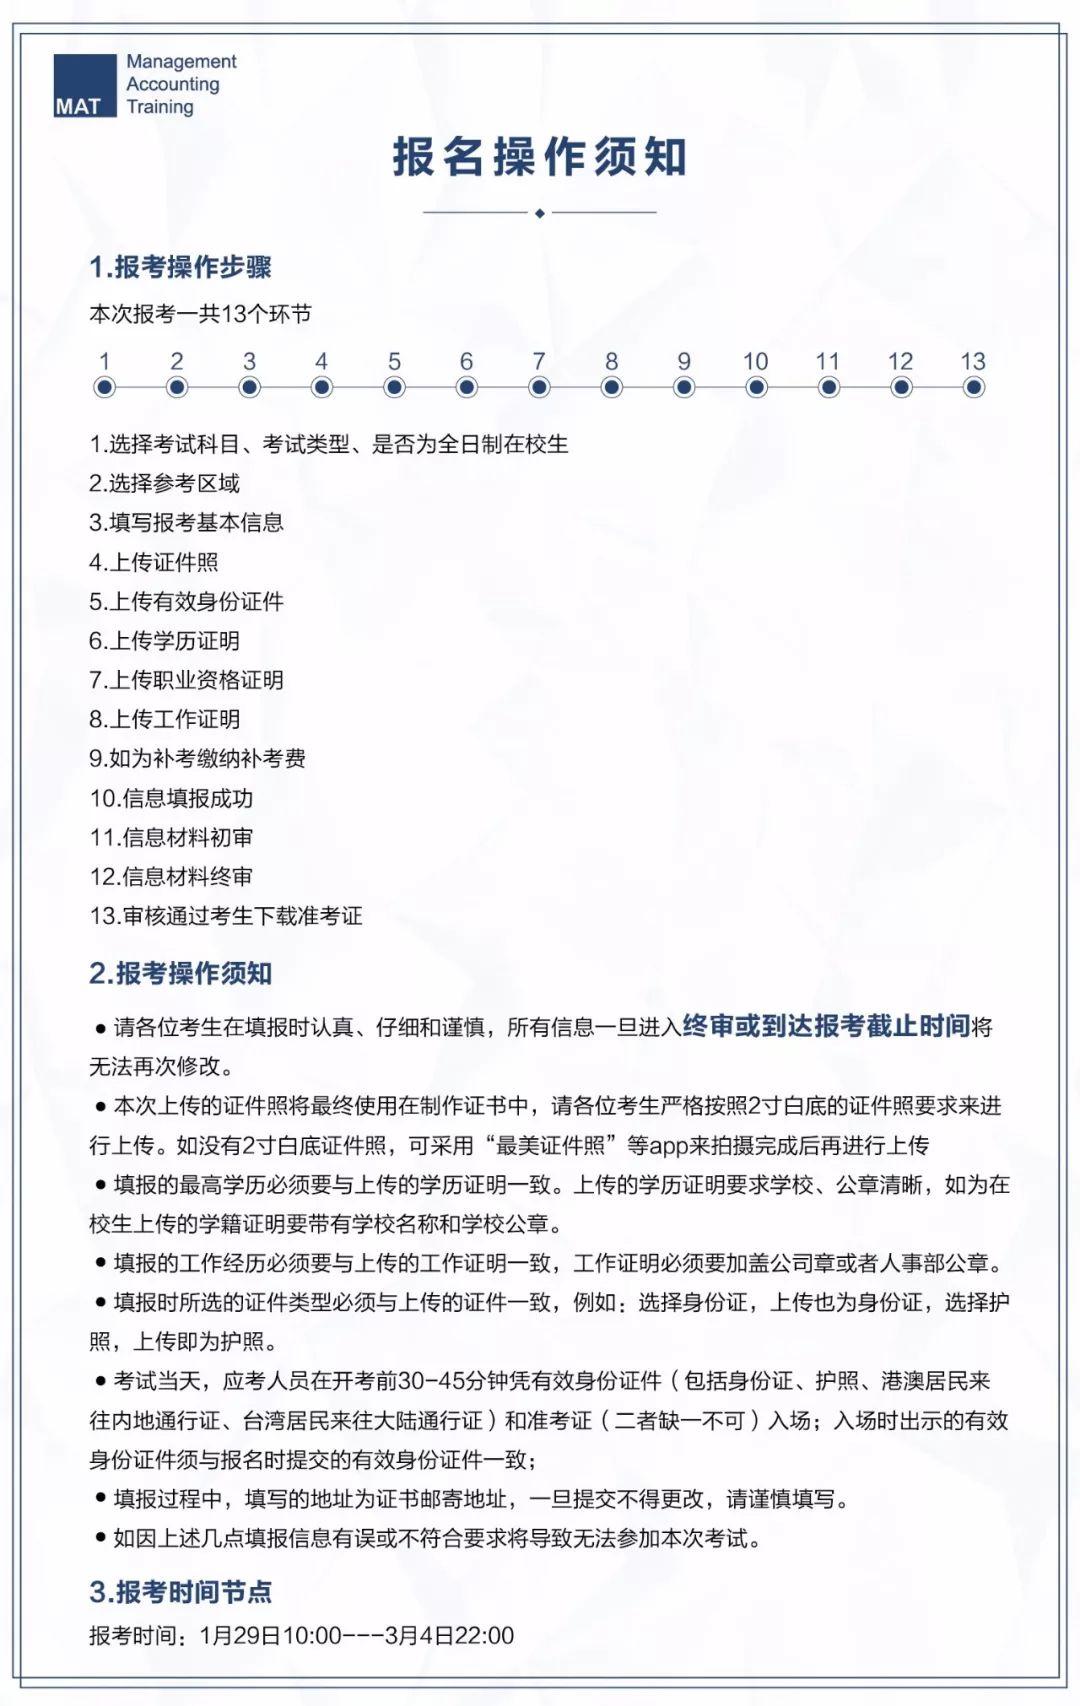 【考试提醒】管理会计师(初级)4月21日考试最后报名仅有9天